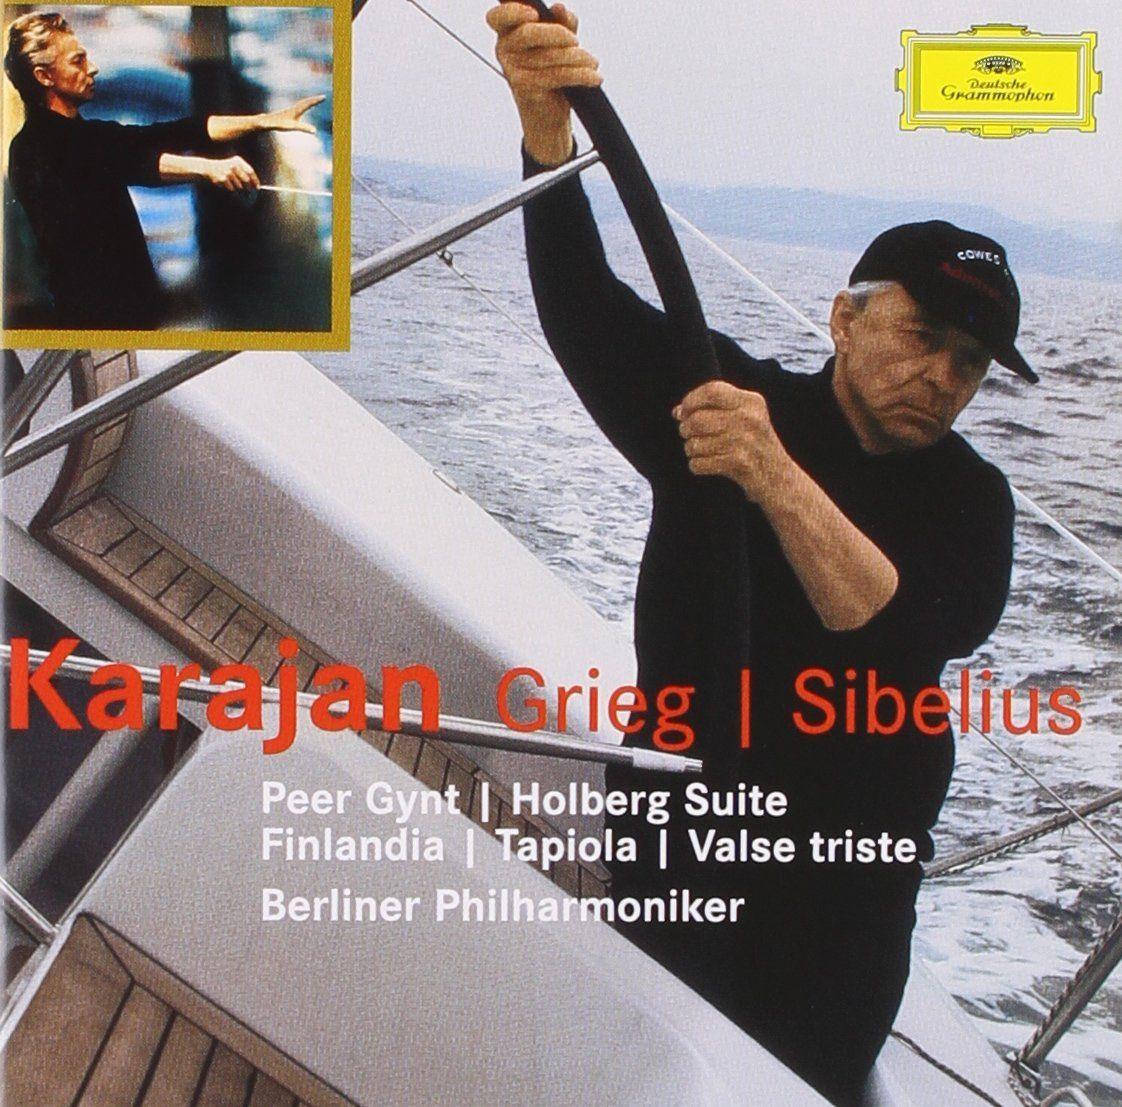 Berliner Philharmoniker / Herbert von Karajan // DGG 474 2692 - Recorded 1964